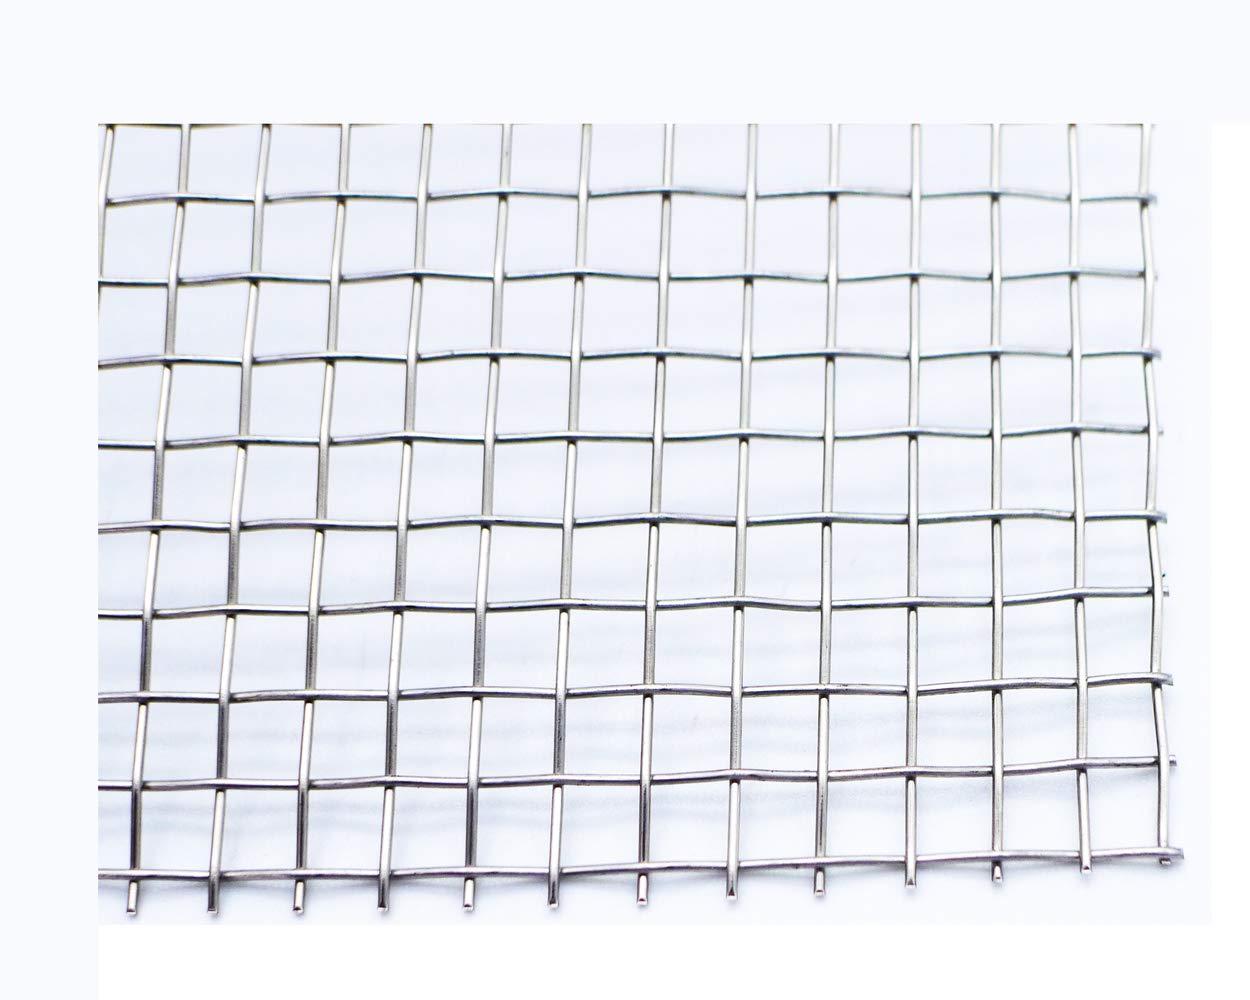 Amazon.com: Rollo de malla de alambre de acero inoxidable ...